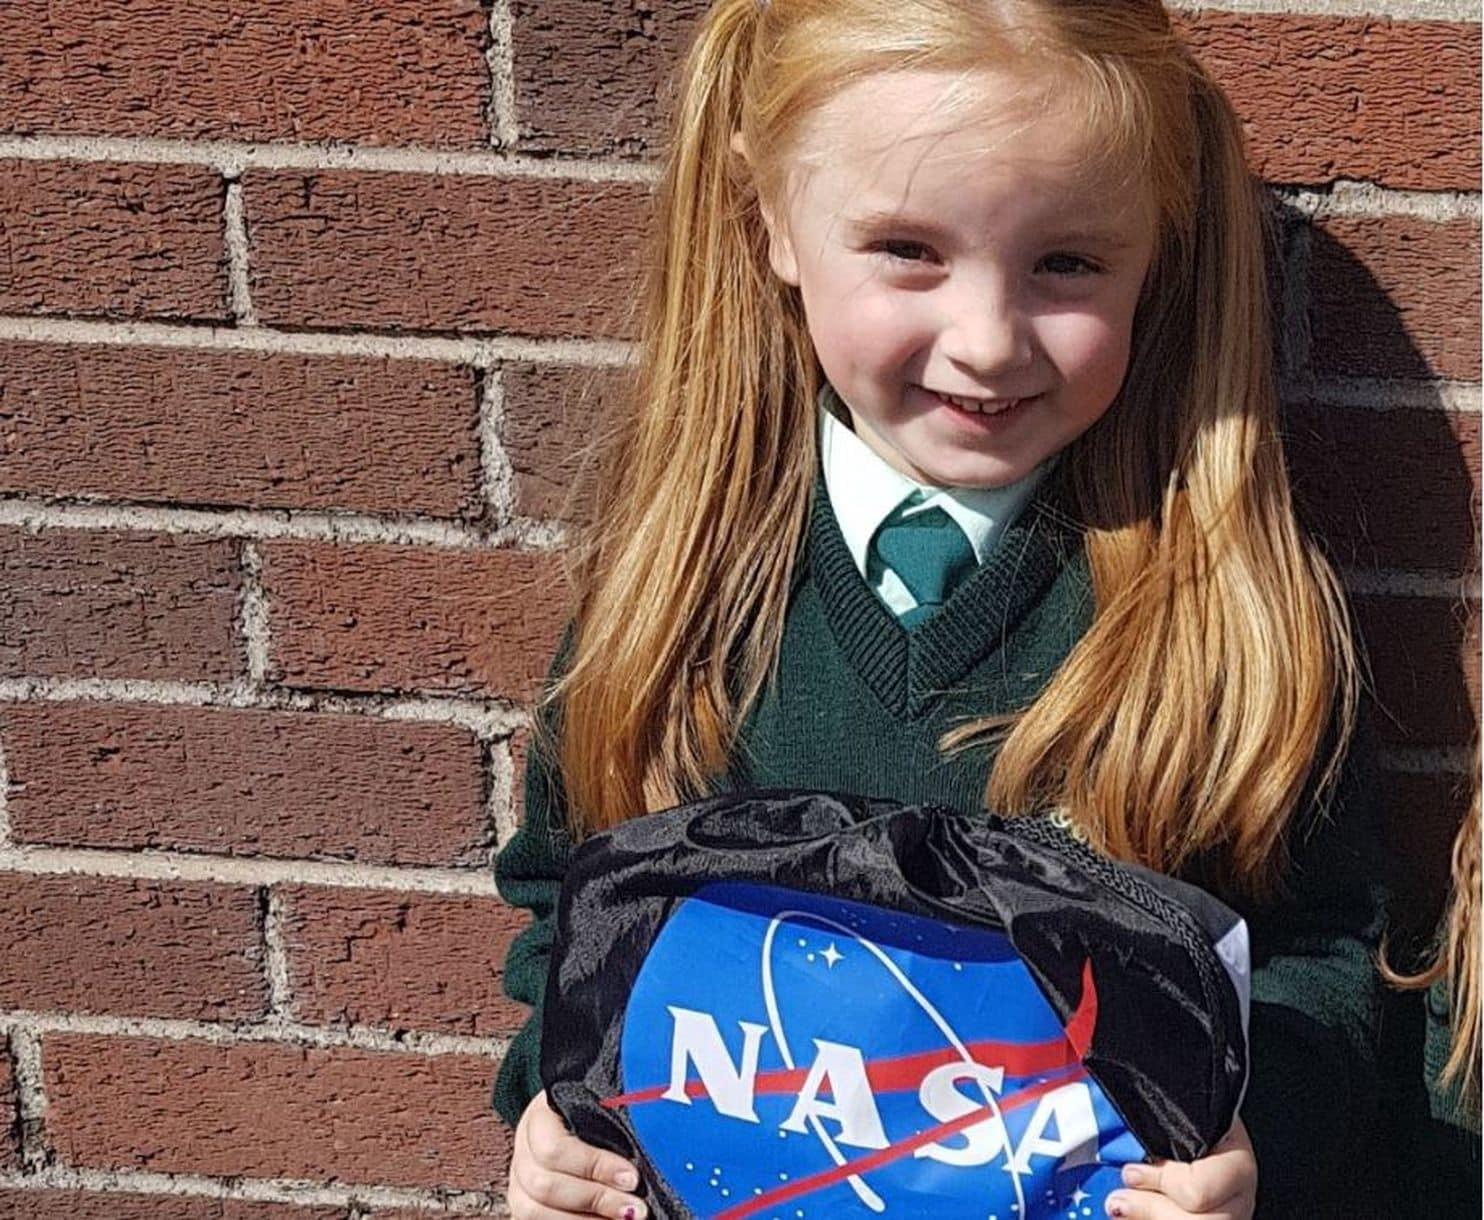 Cara na escola com sua lancheira da NASA (Foto: Reprodução/Glasheen Girls School)